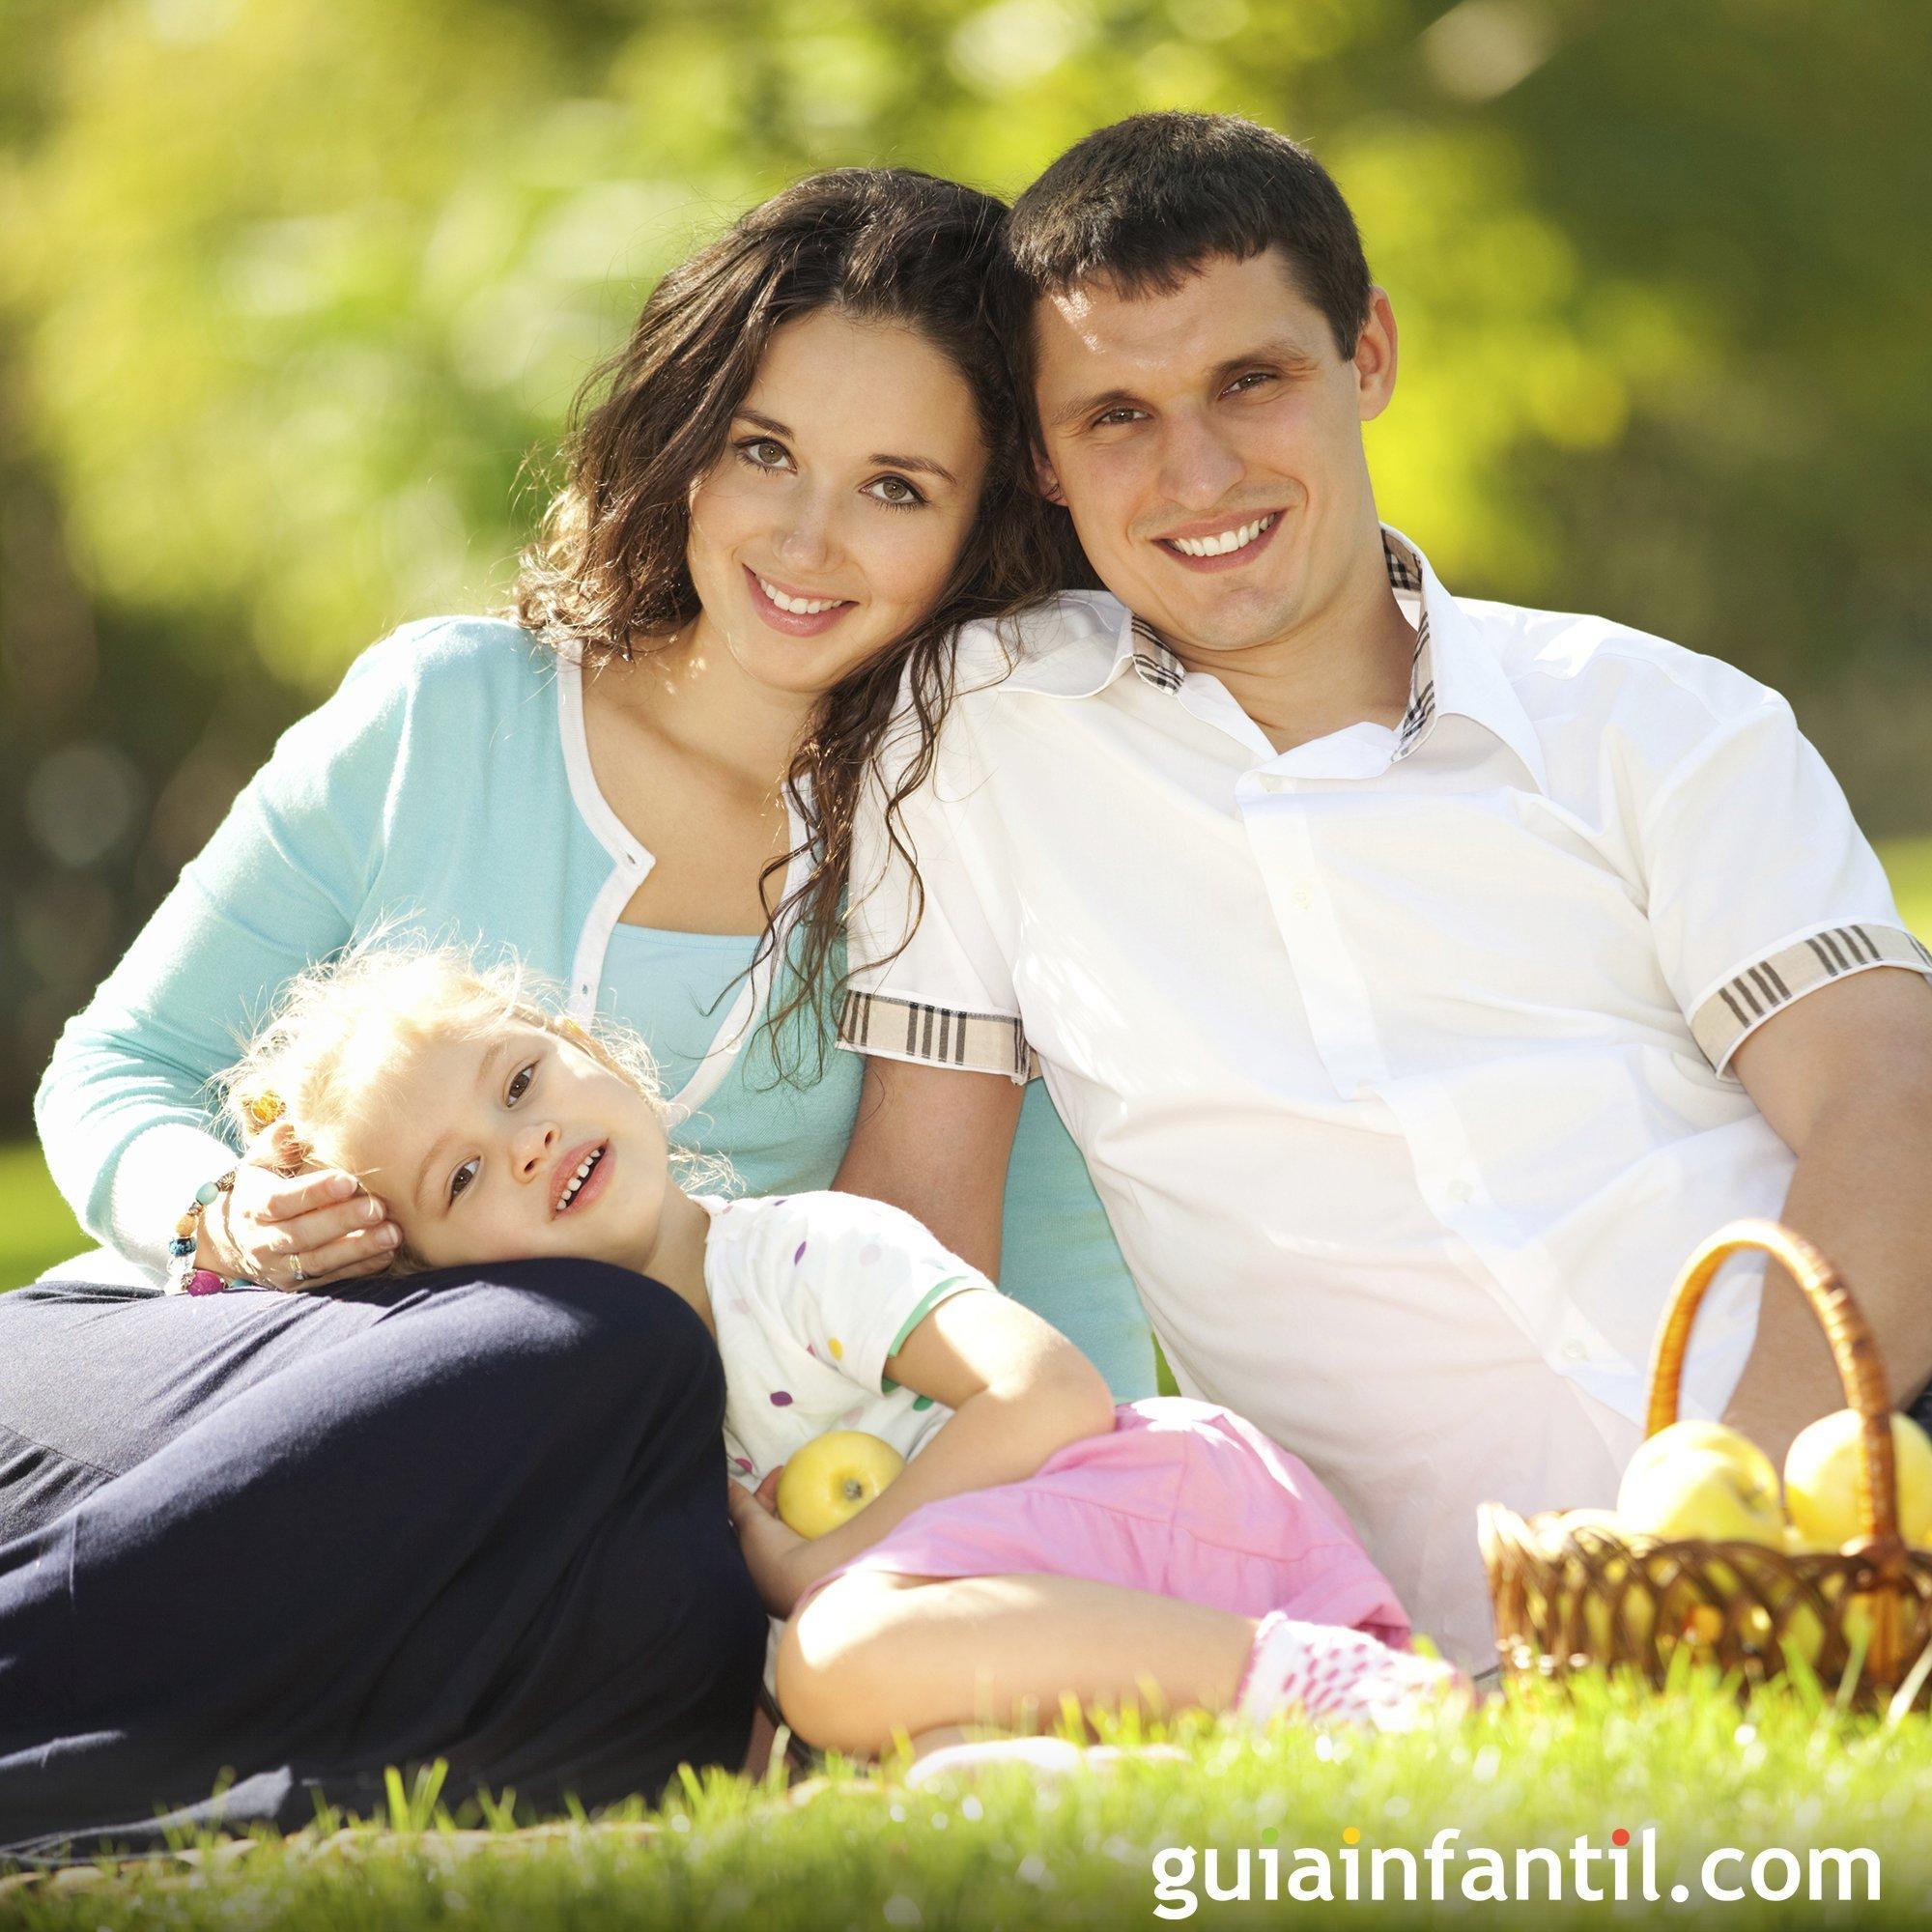 Hacer un picnic con los niños en el campo